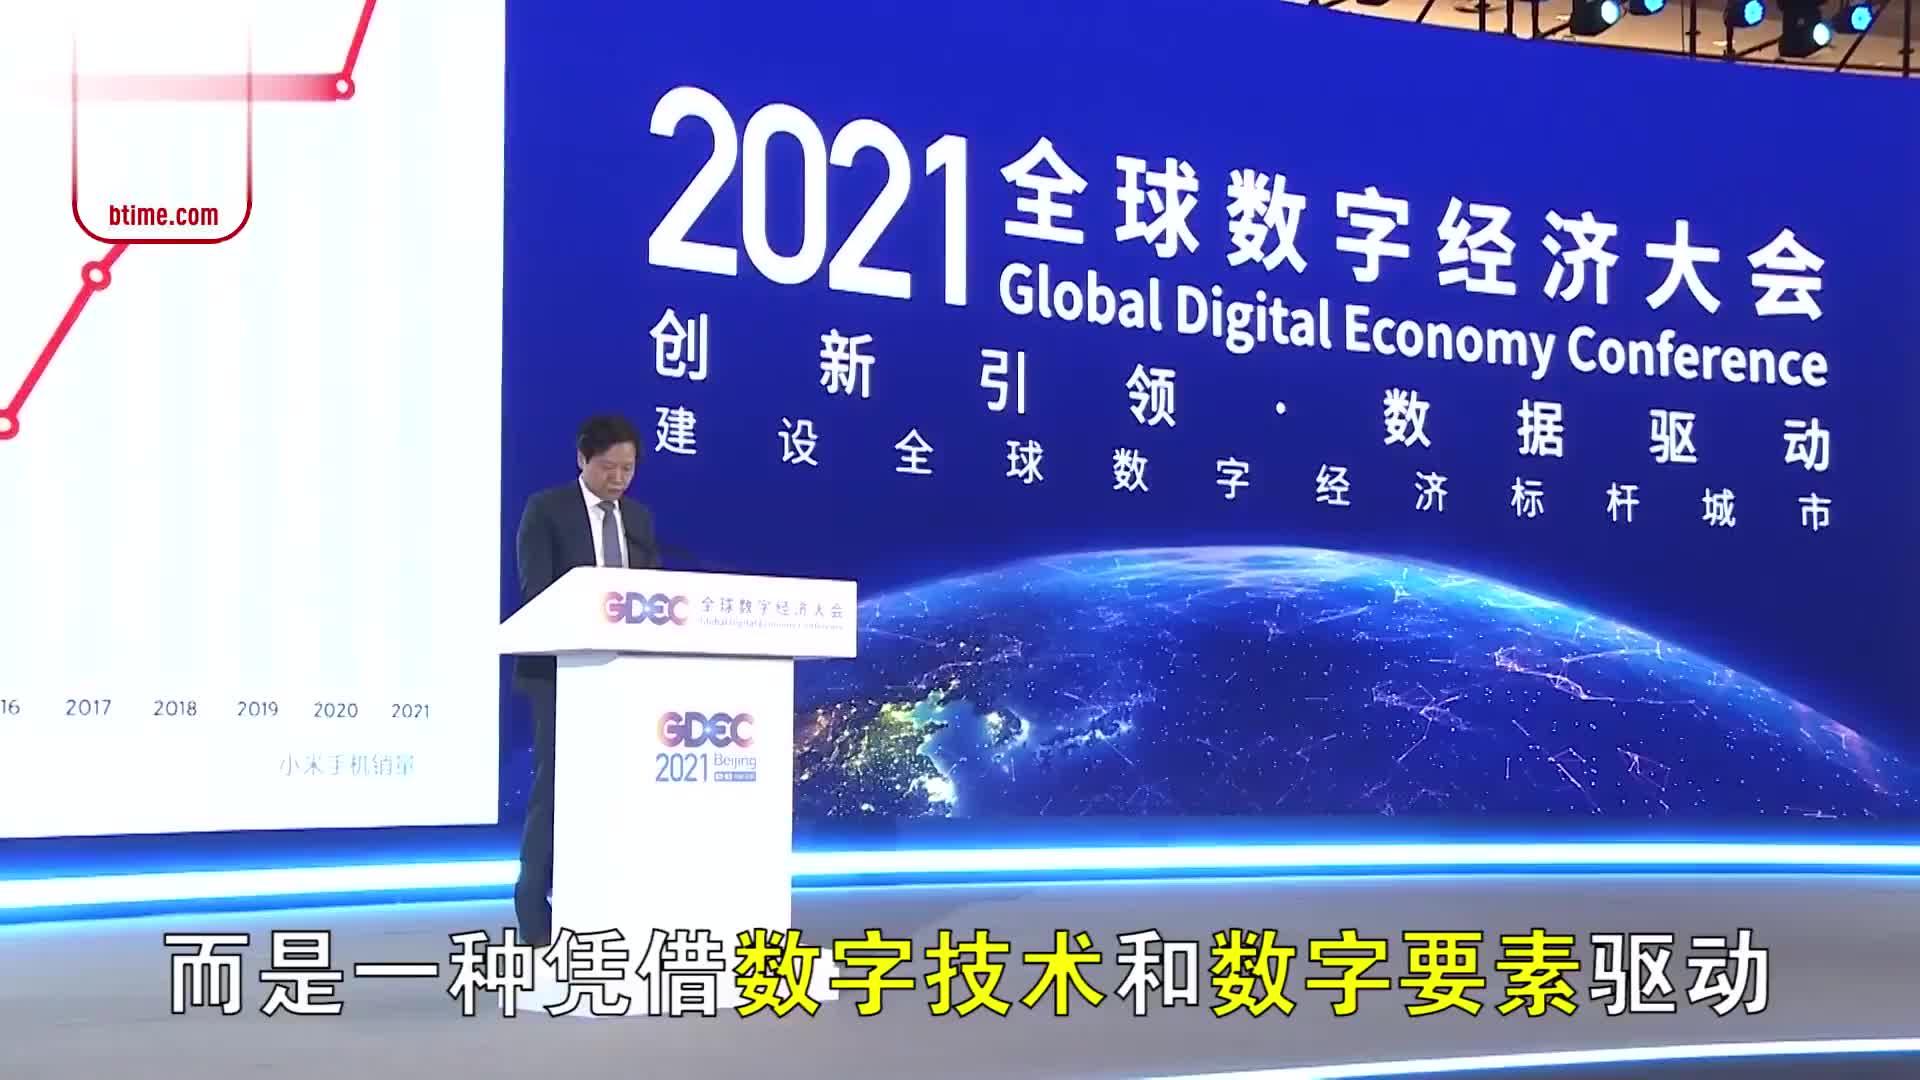 小米集团董事长兼CEO雷军:数字经济给生产流通领域带来巨大效率提升